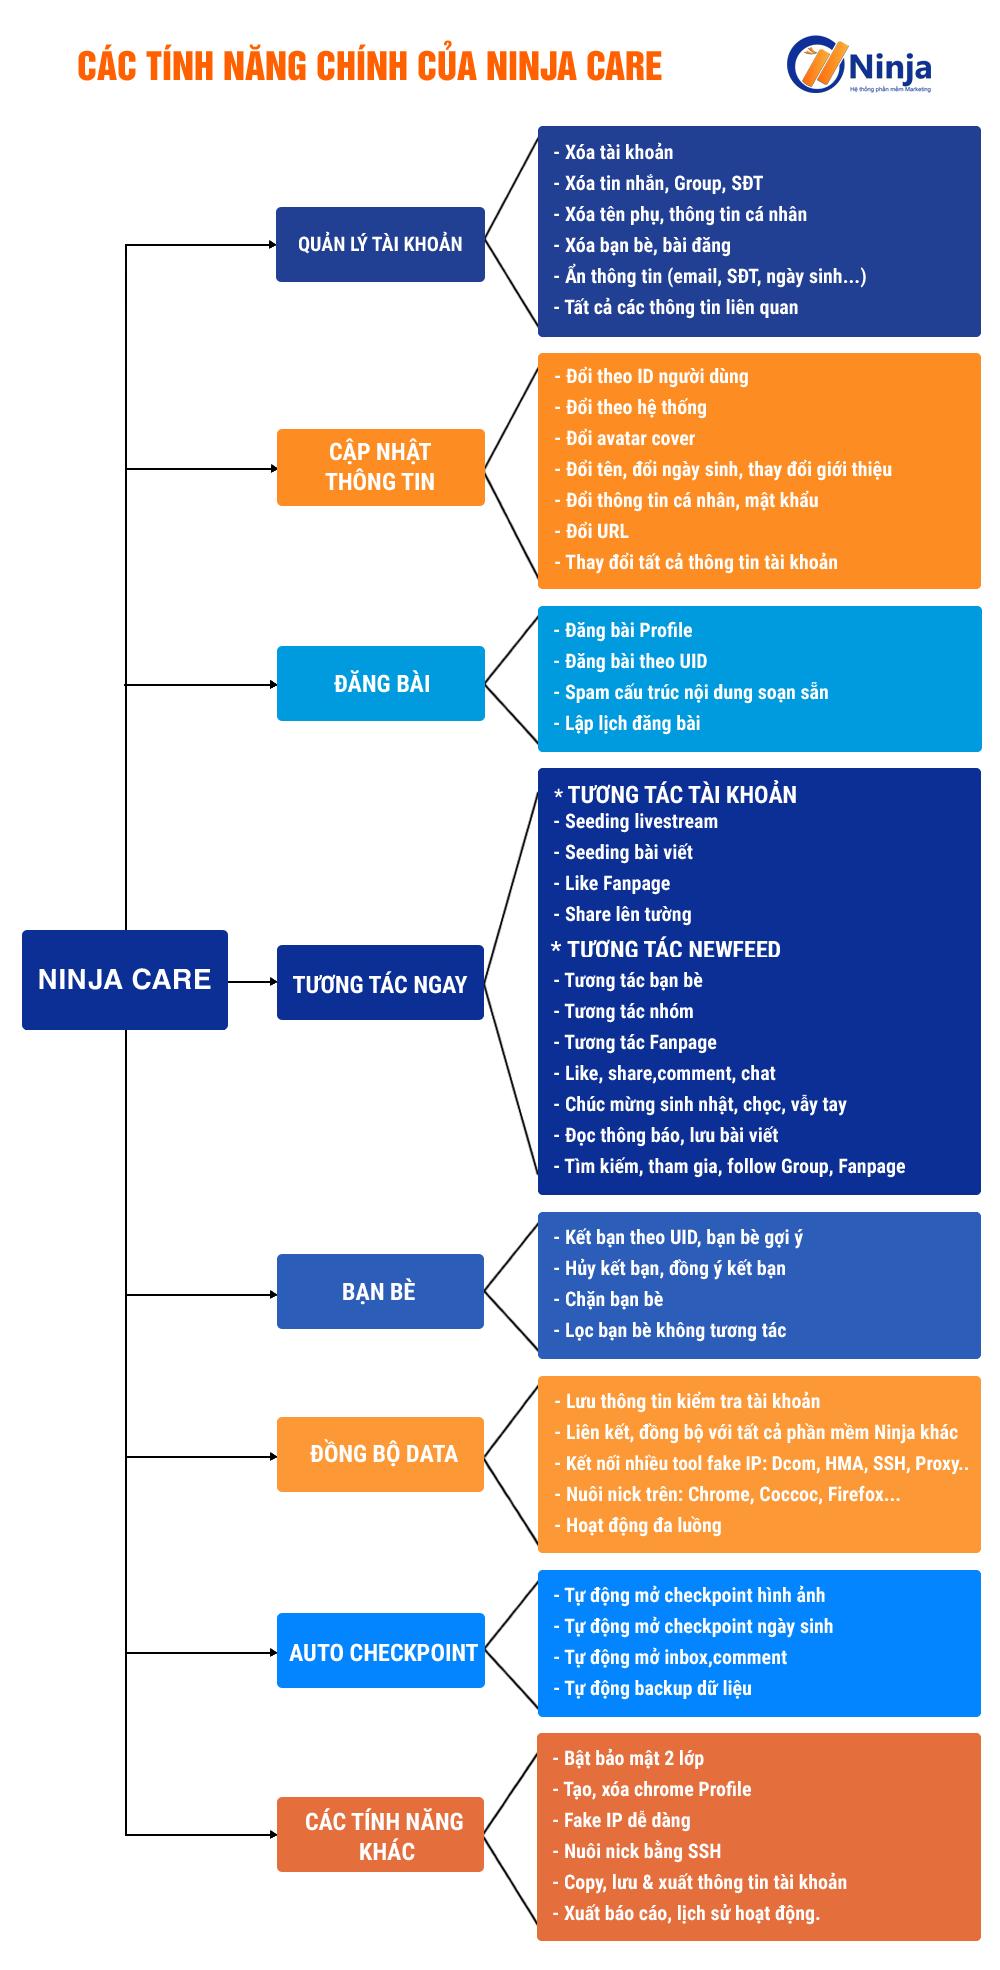 ninja care 1 Ninja Care   Phần mềm chăm sóc tài khoản facebook chuyên nghiệp số 1 thị trường